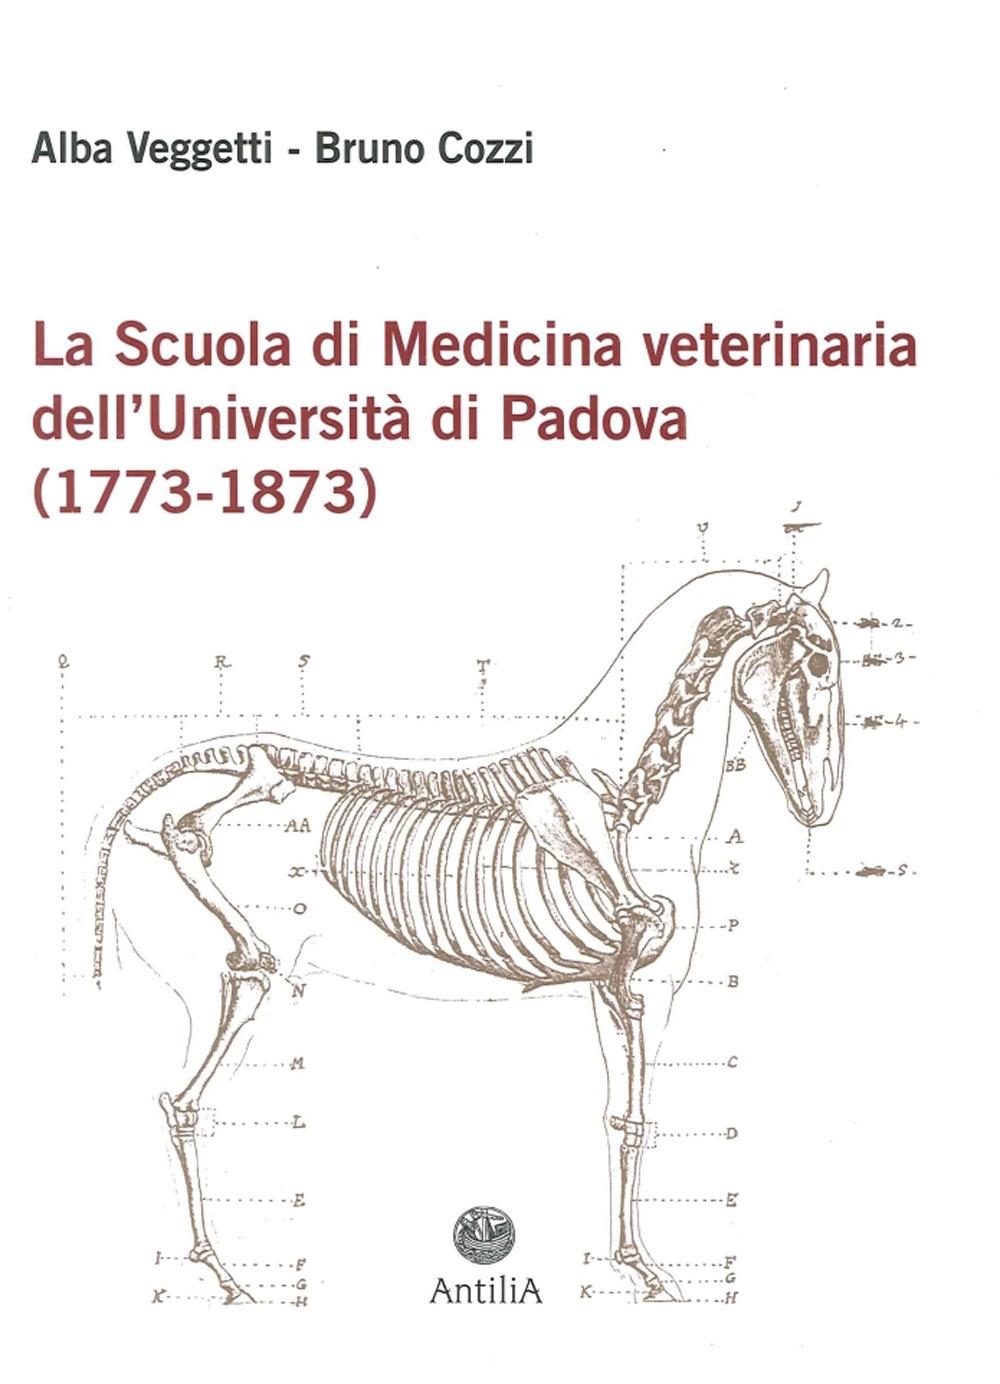 La Scuola di Medicina Veterinaria dell'Università di Padova. (1773-1873).